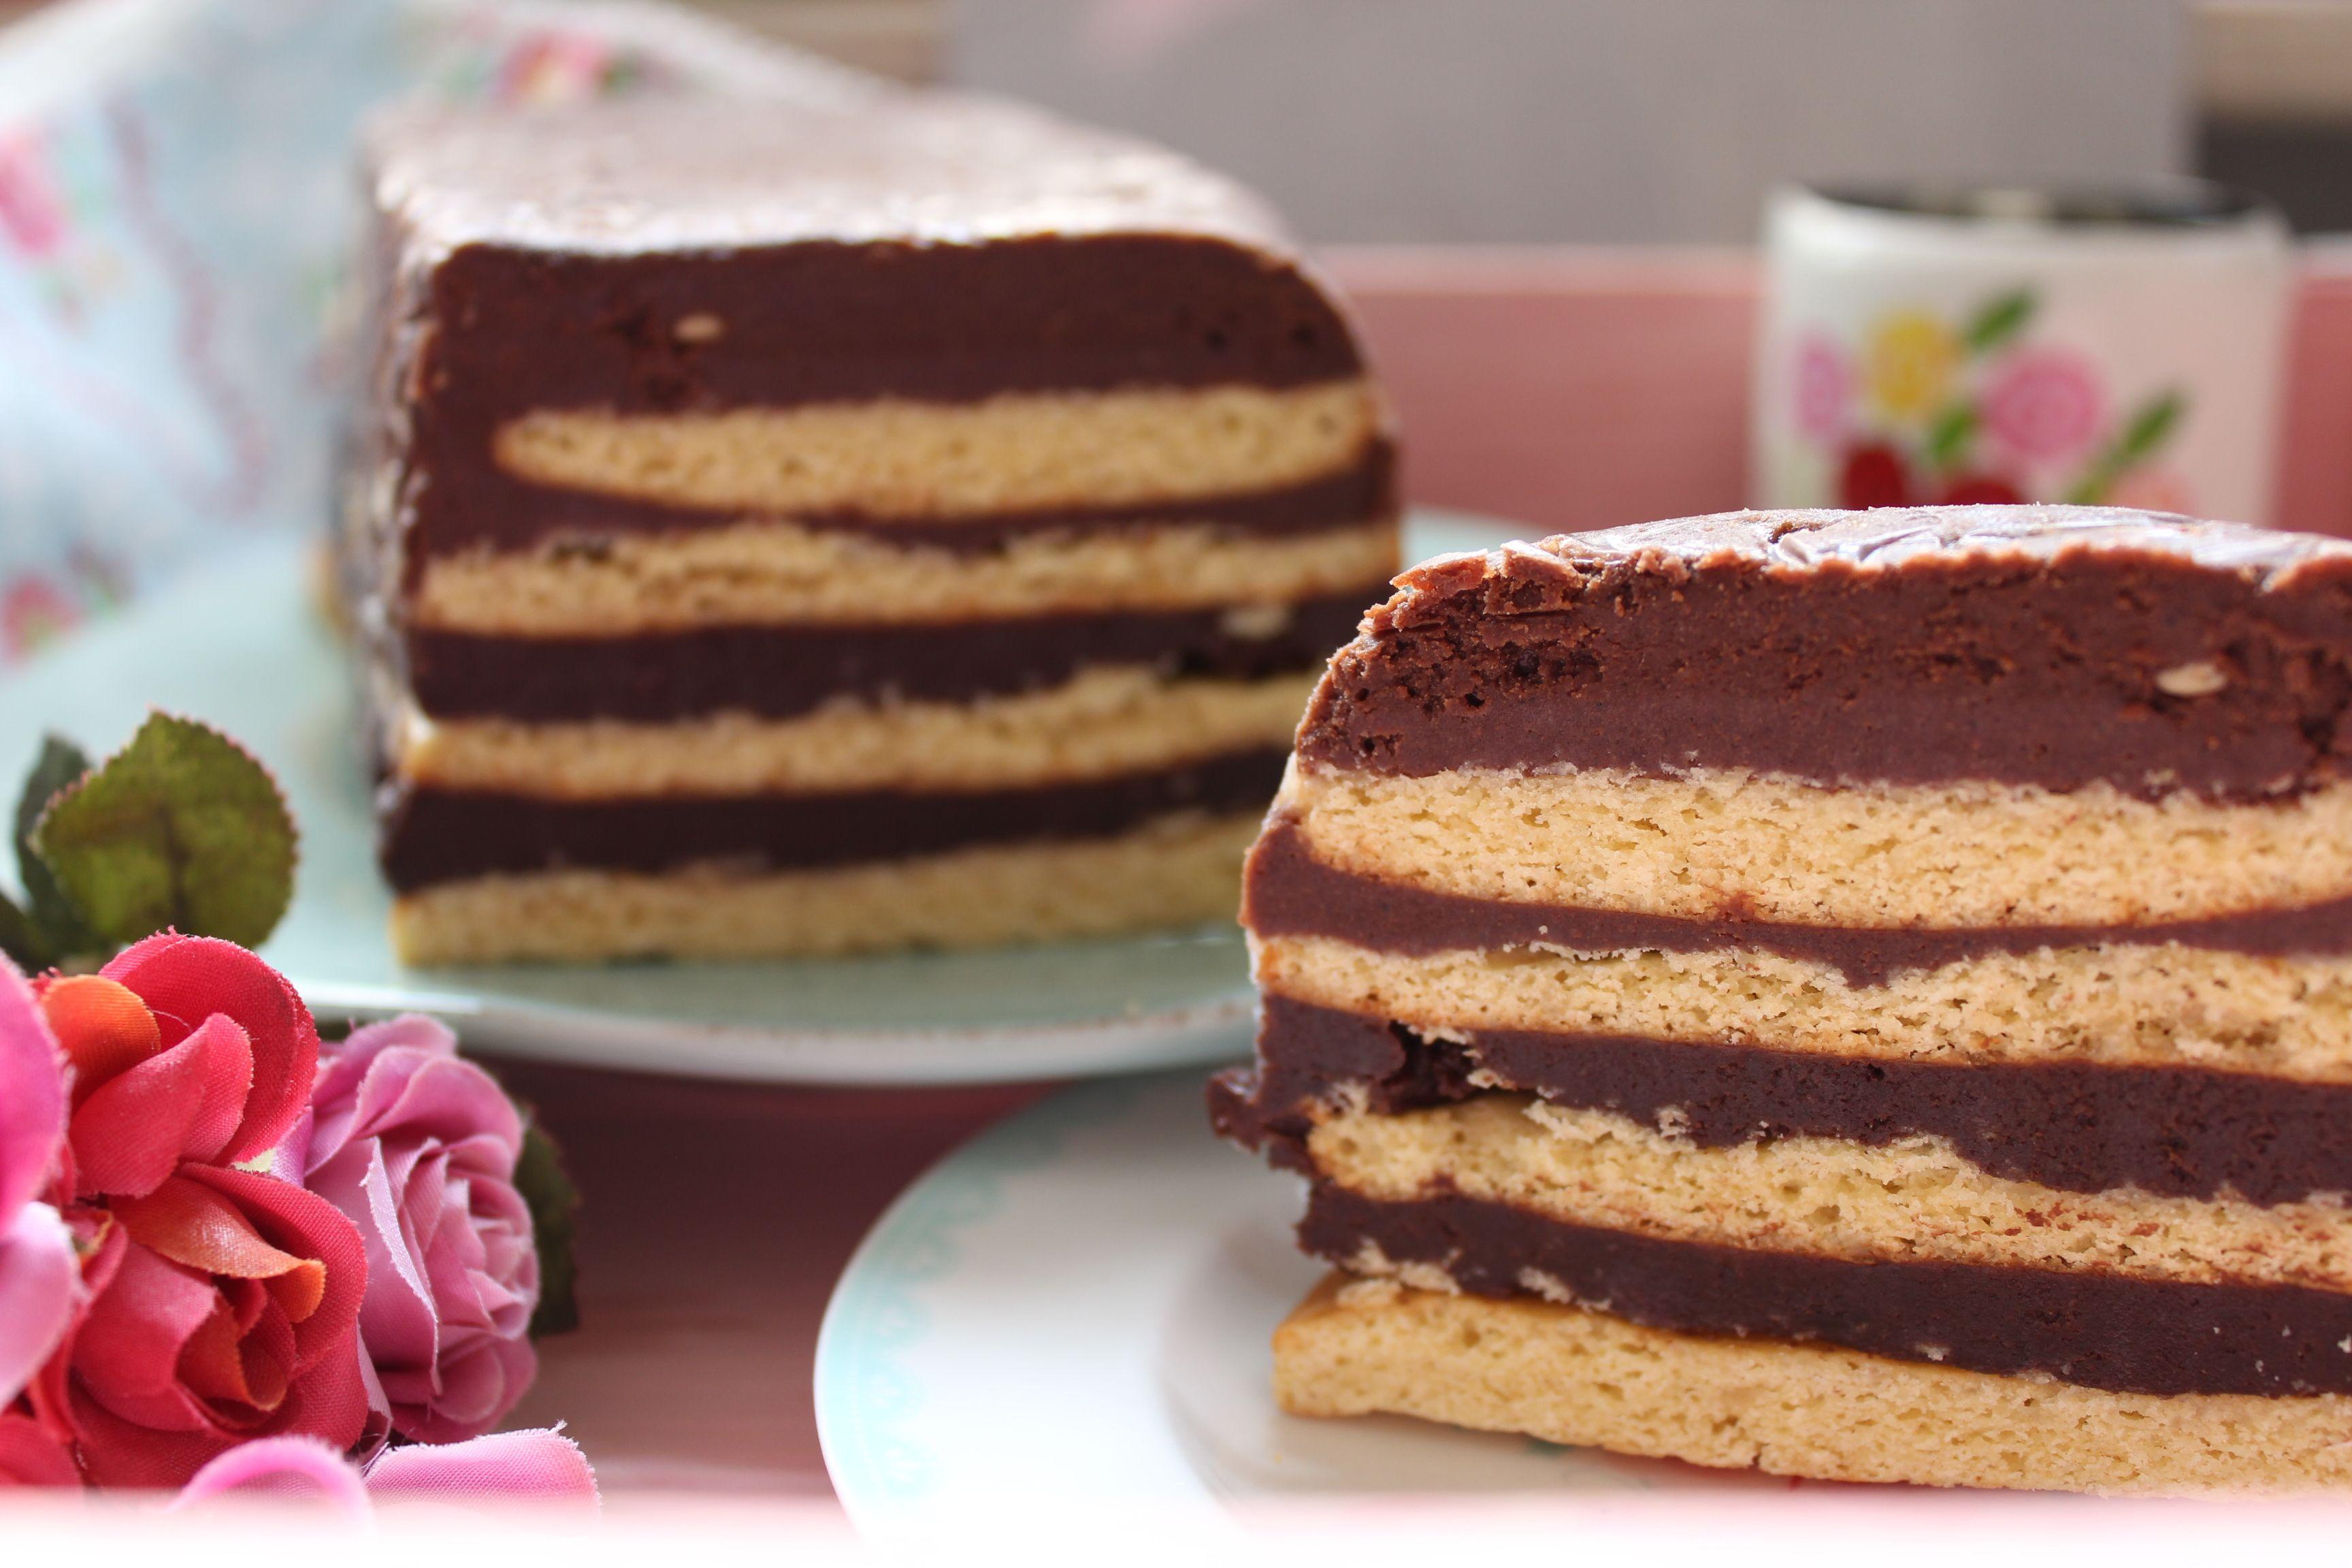 Kuchen kalt oder warm glasieren